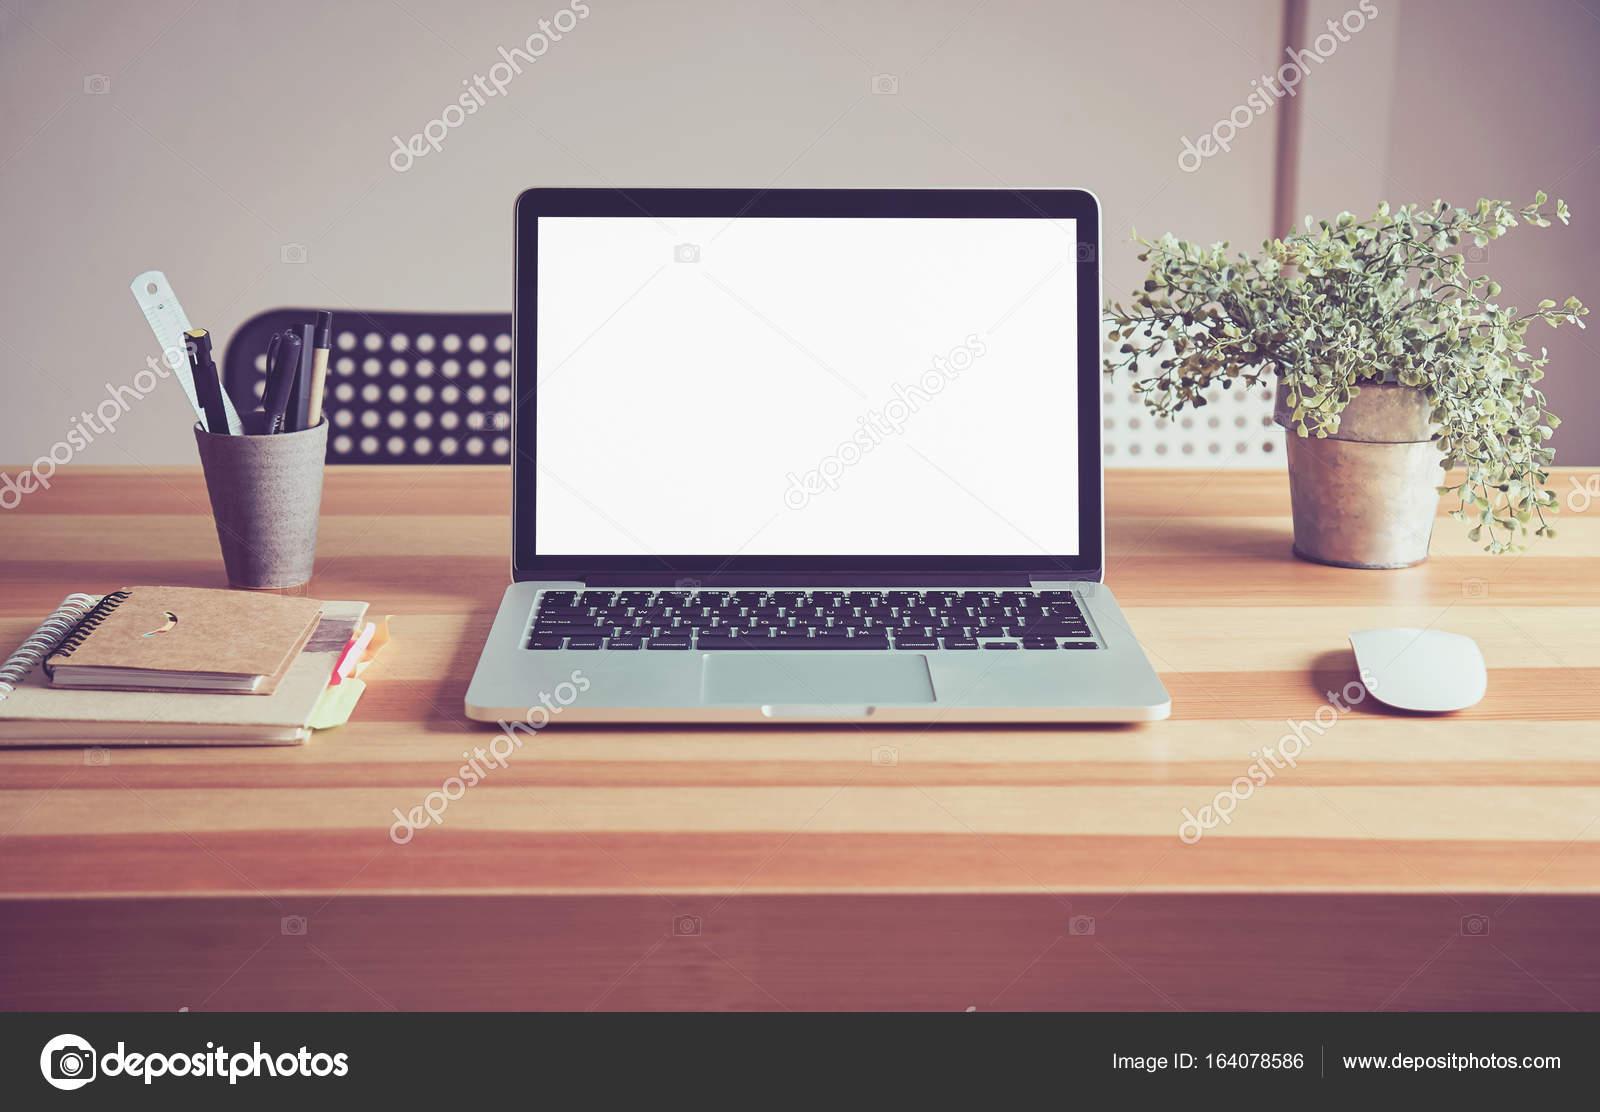 Como poner fondo de pantalla laptop